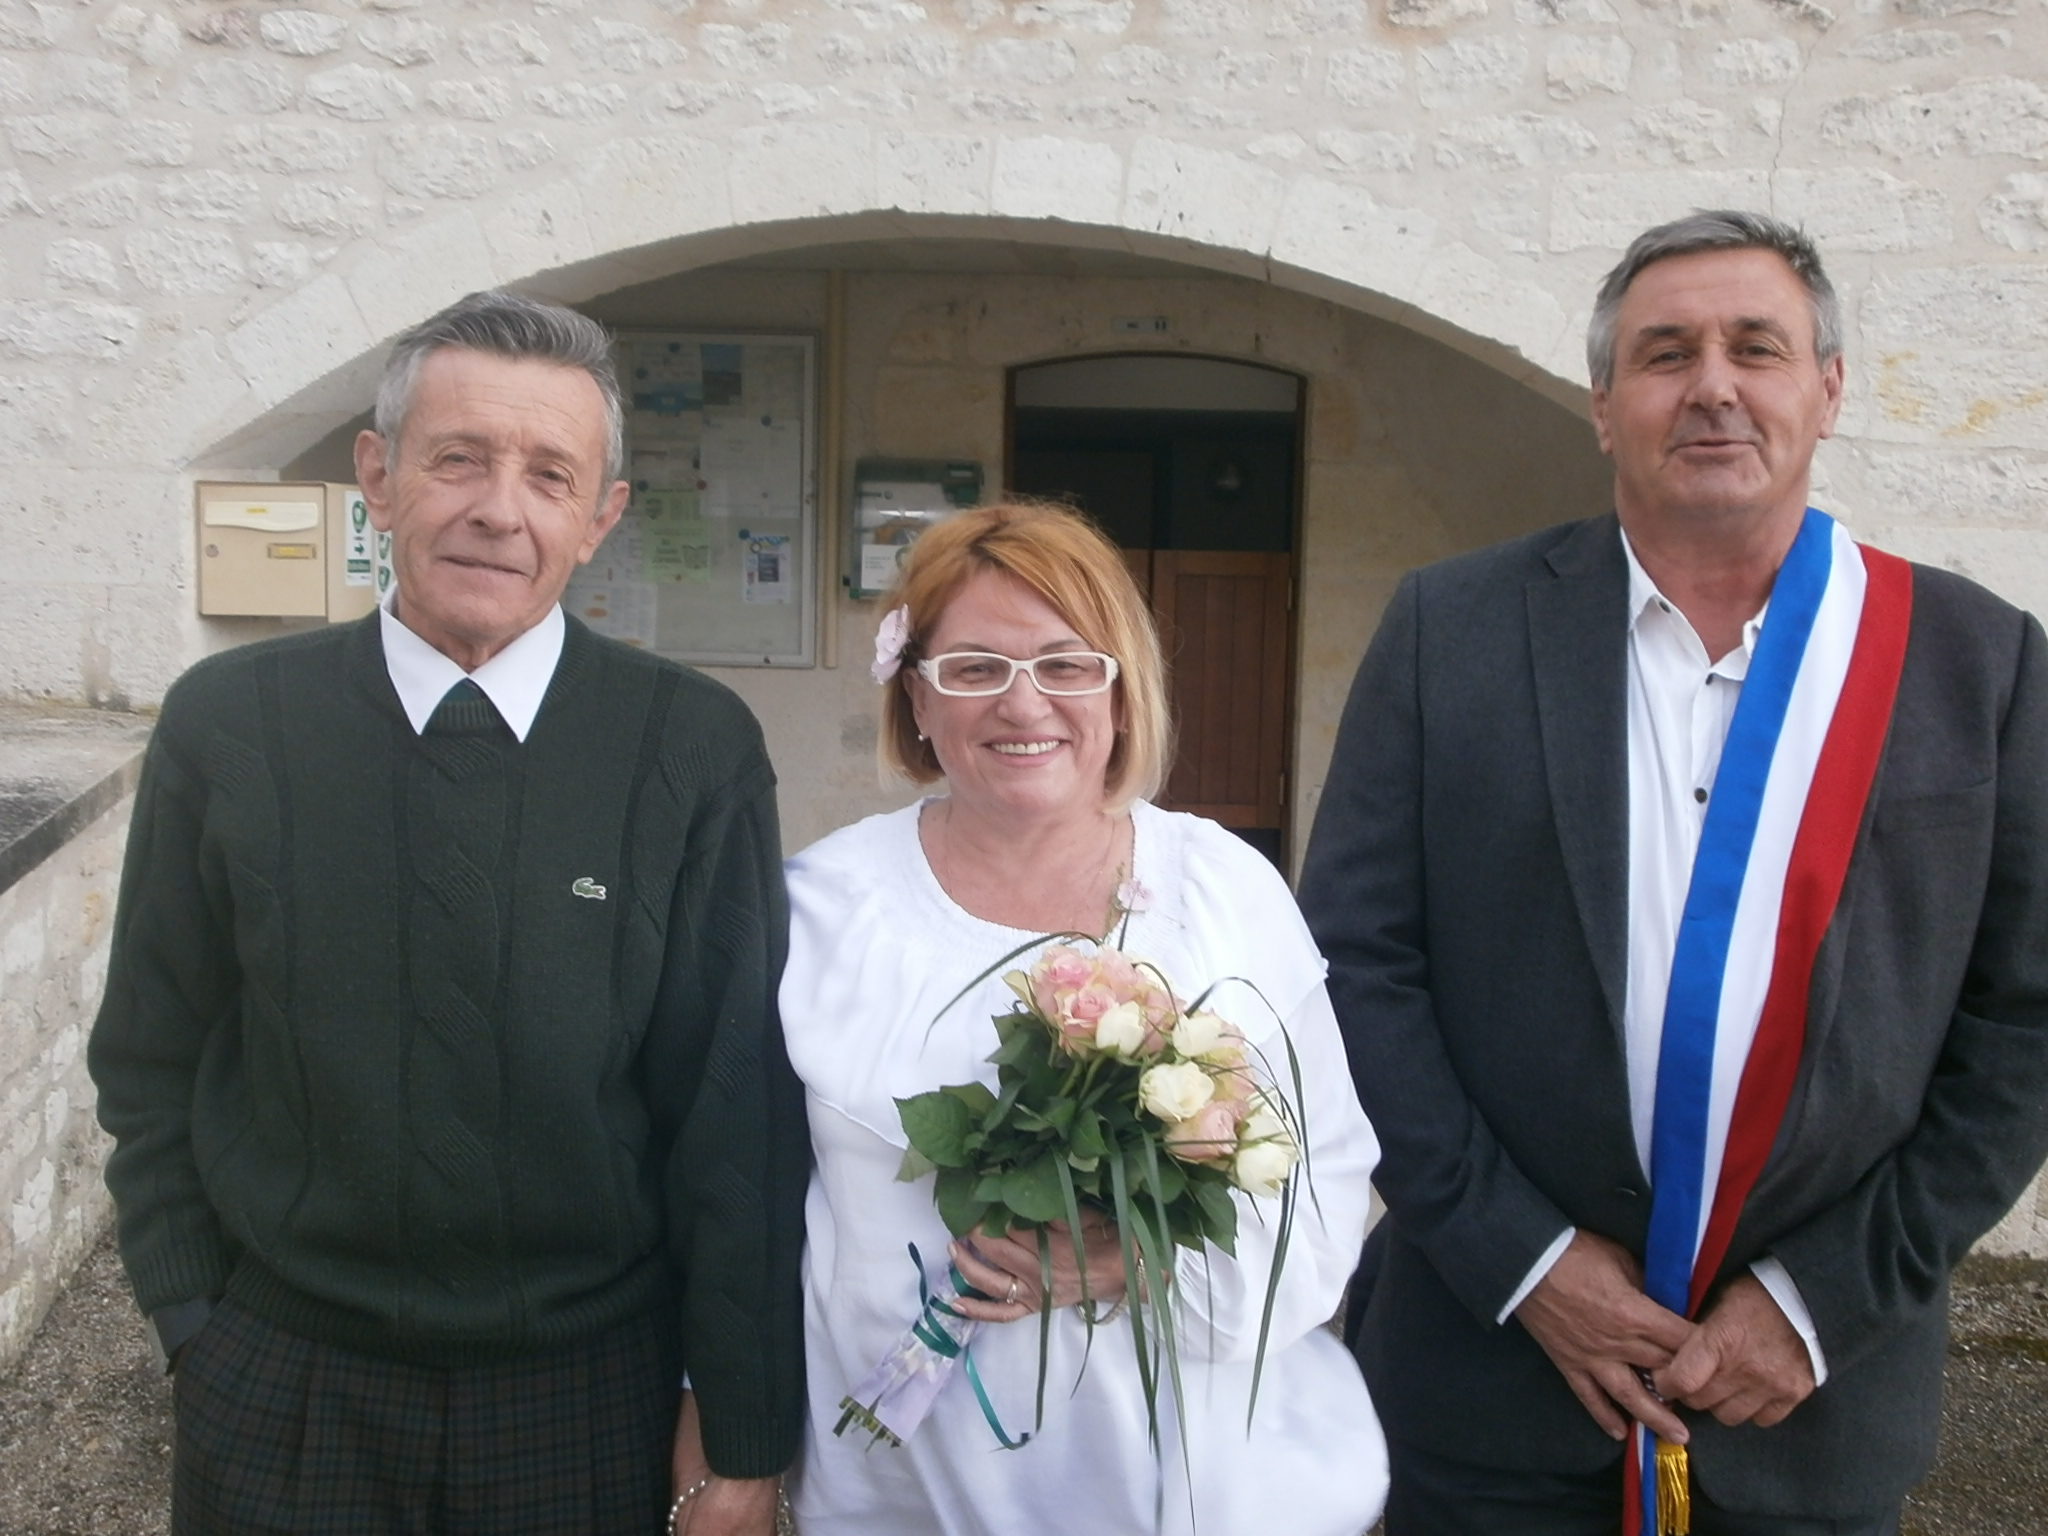 Поздравляем с бракосочетанием! Счастья Жан-Клоду и Надежде!